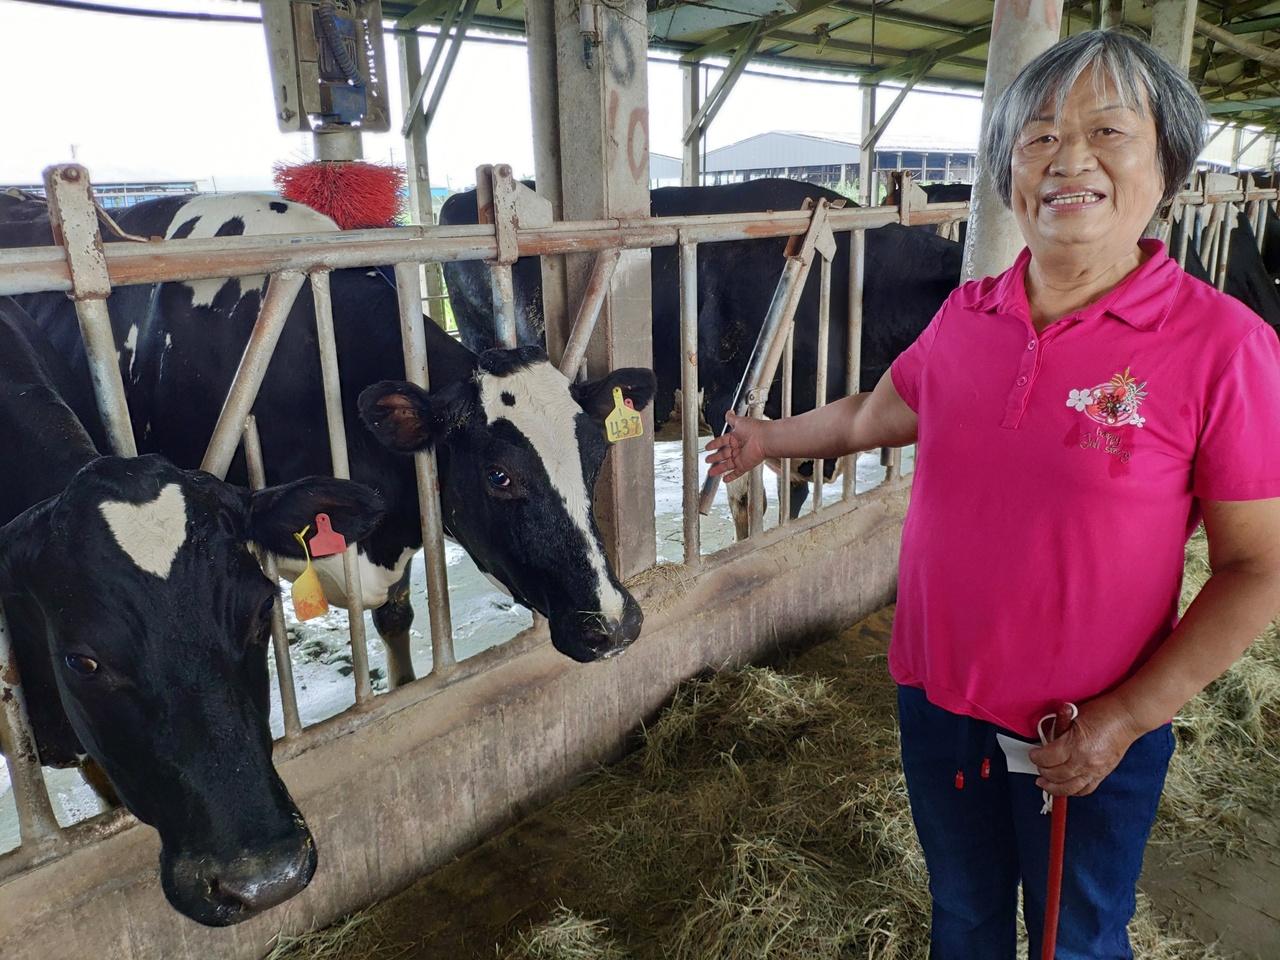 博士退休,轉當牛農!「專業養職業」創造高收入 | 橘世代